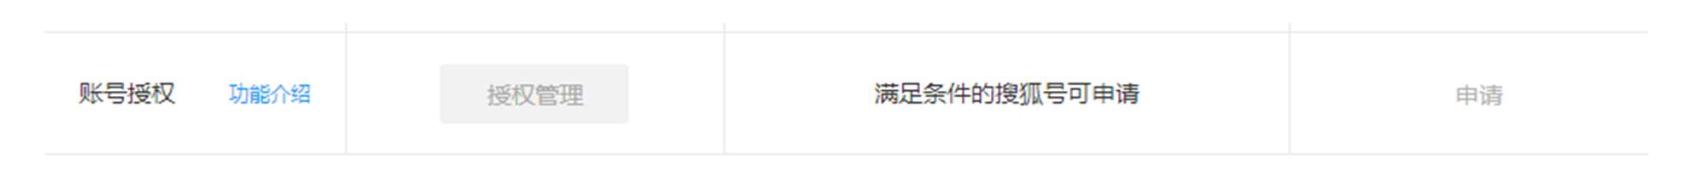 【公告】搜狐號推出「賬號授權」功能,自媒體創作團隊的福音!